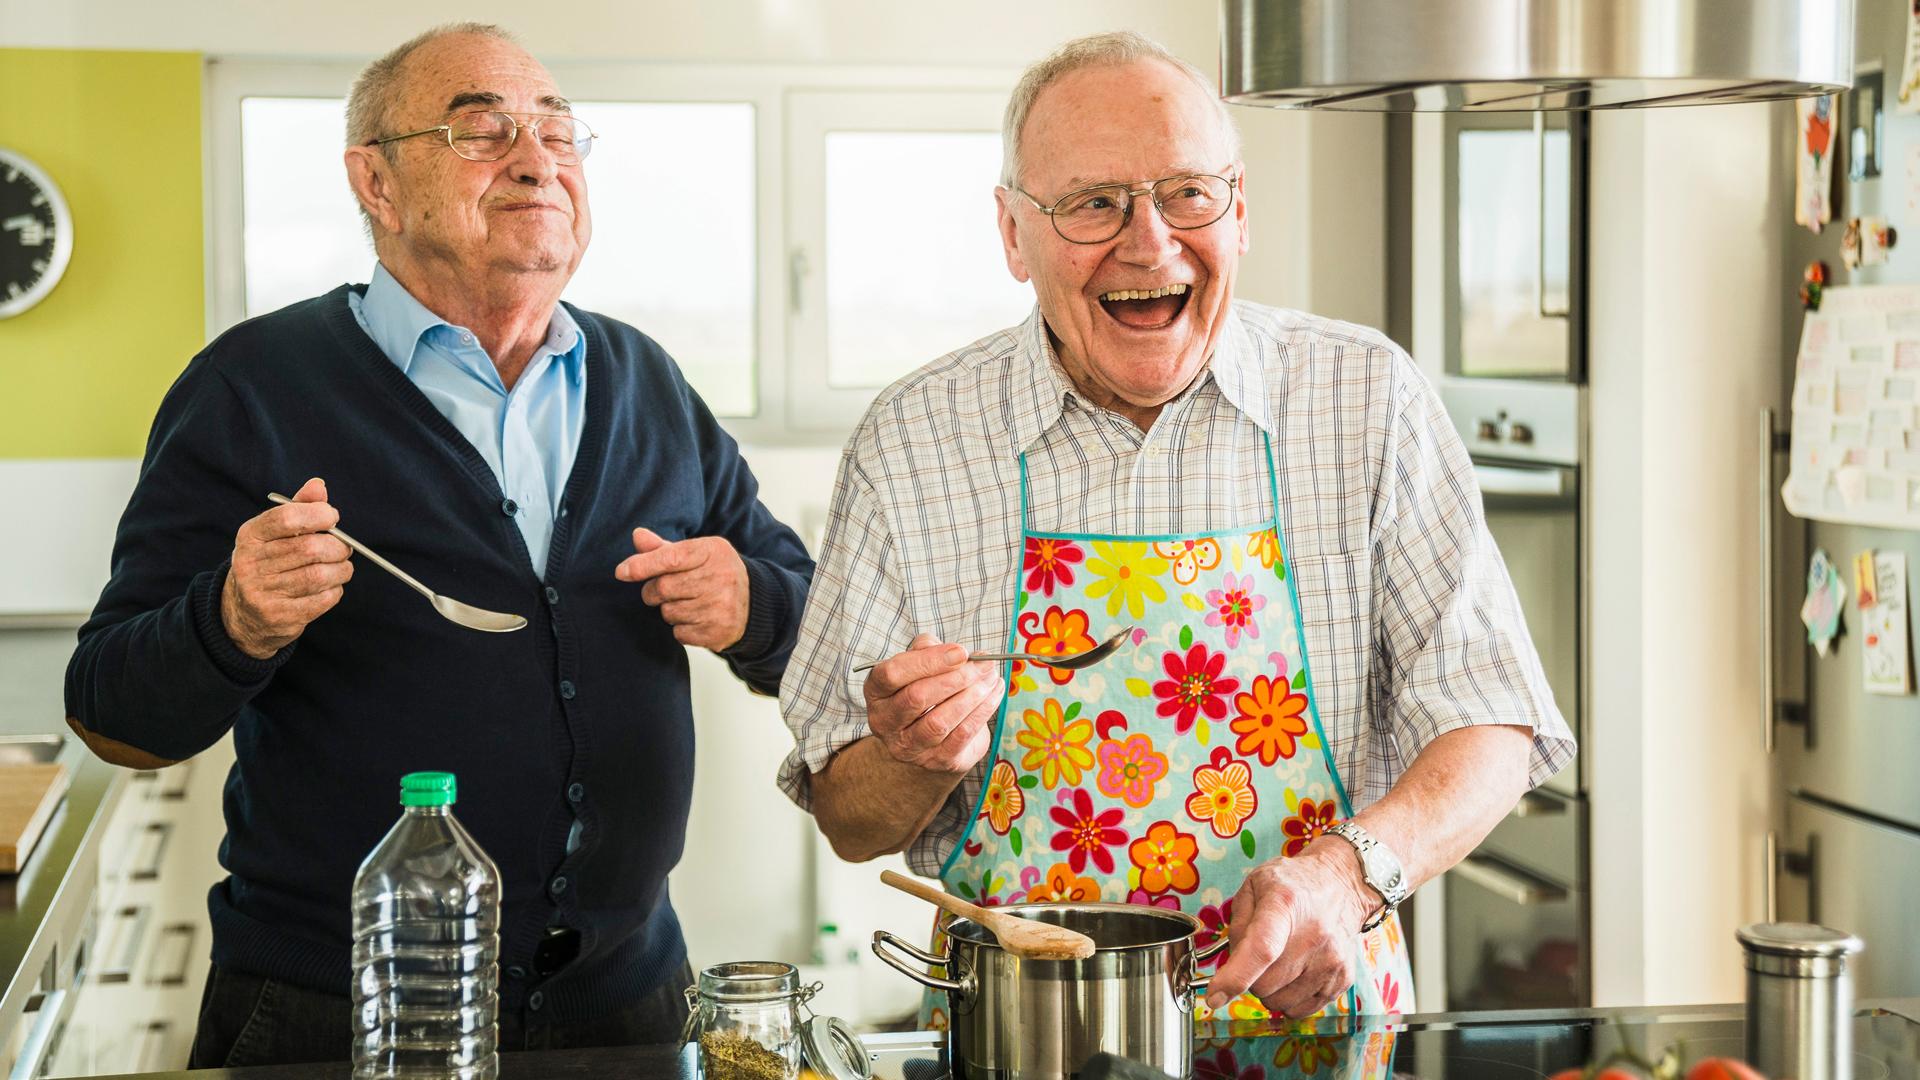 Zwei ältere Männer beim Kochen in der Küche. Beide lachen fröhlich.